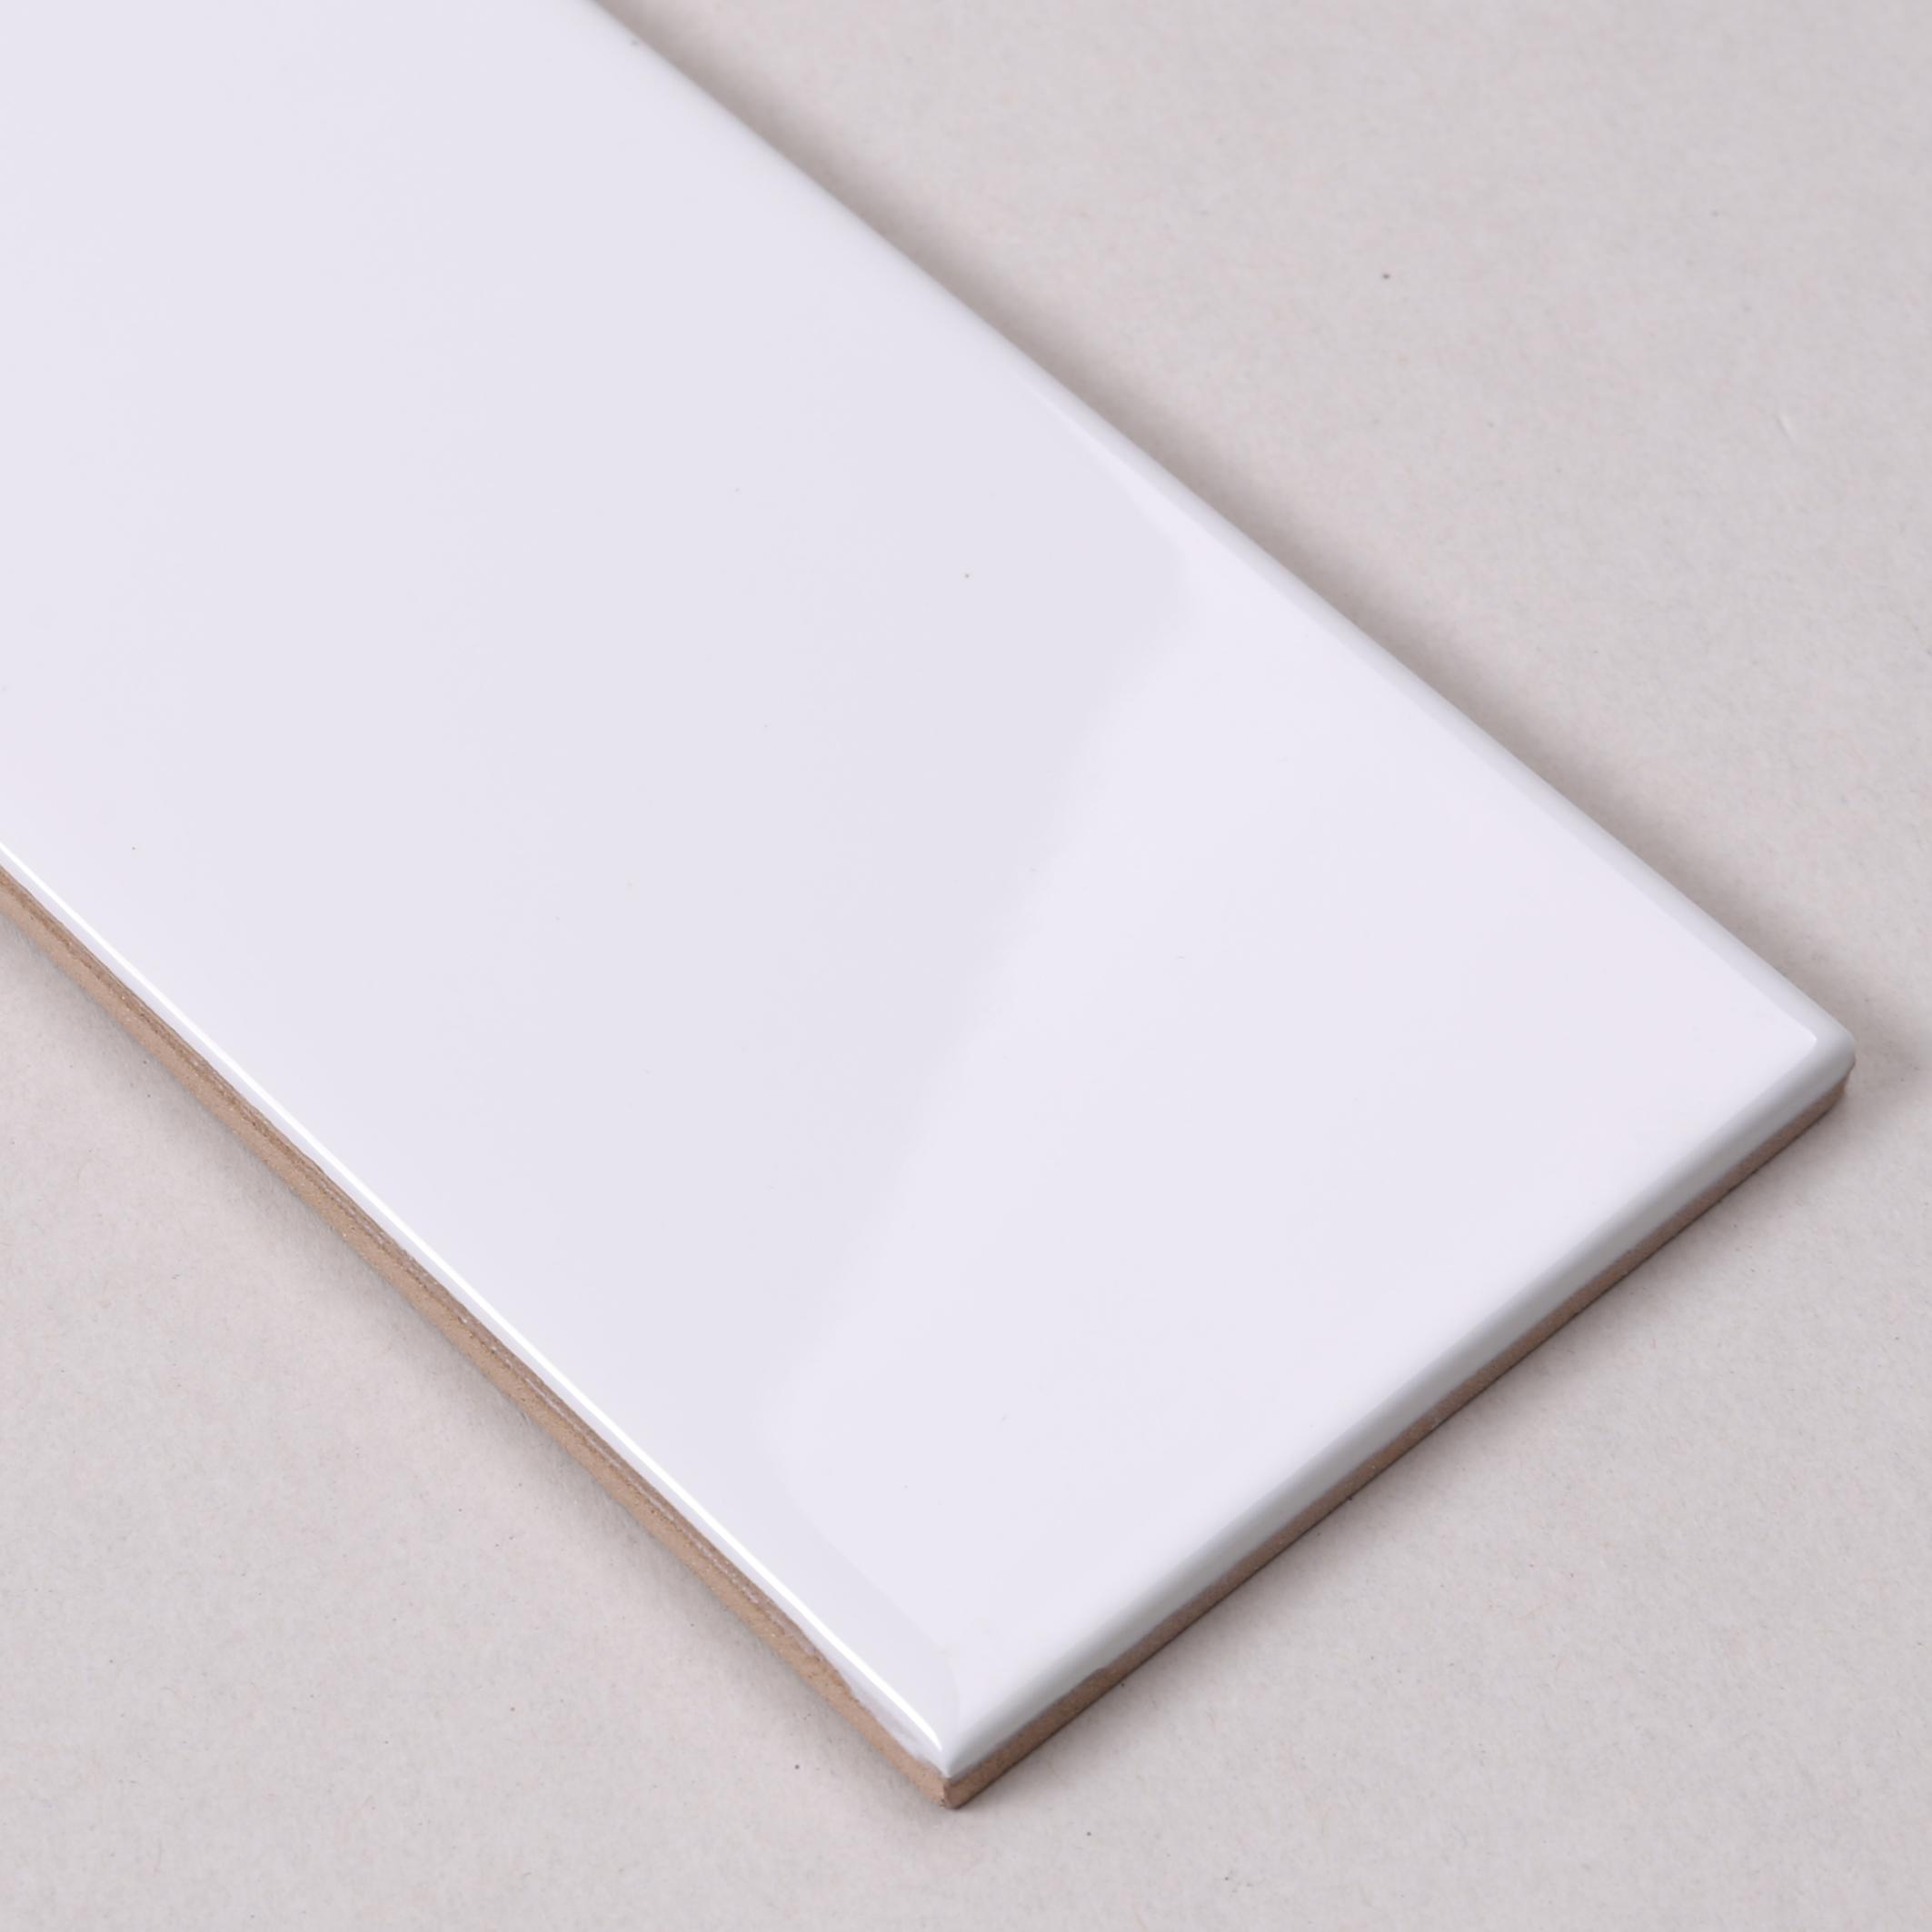 Flat Gloss 75x150x7 (4)